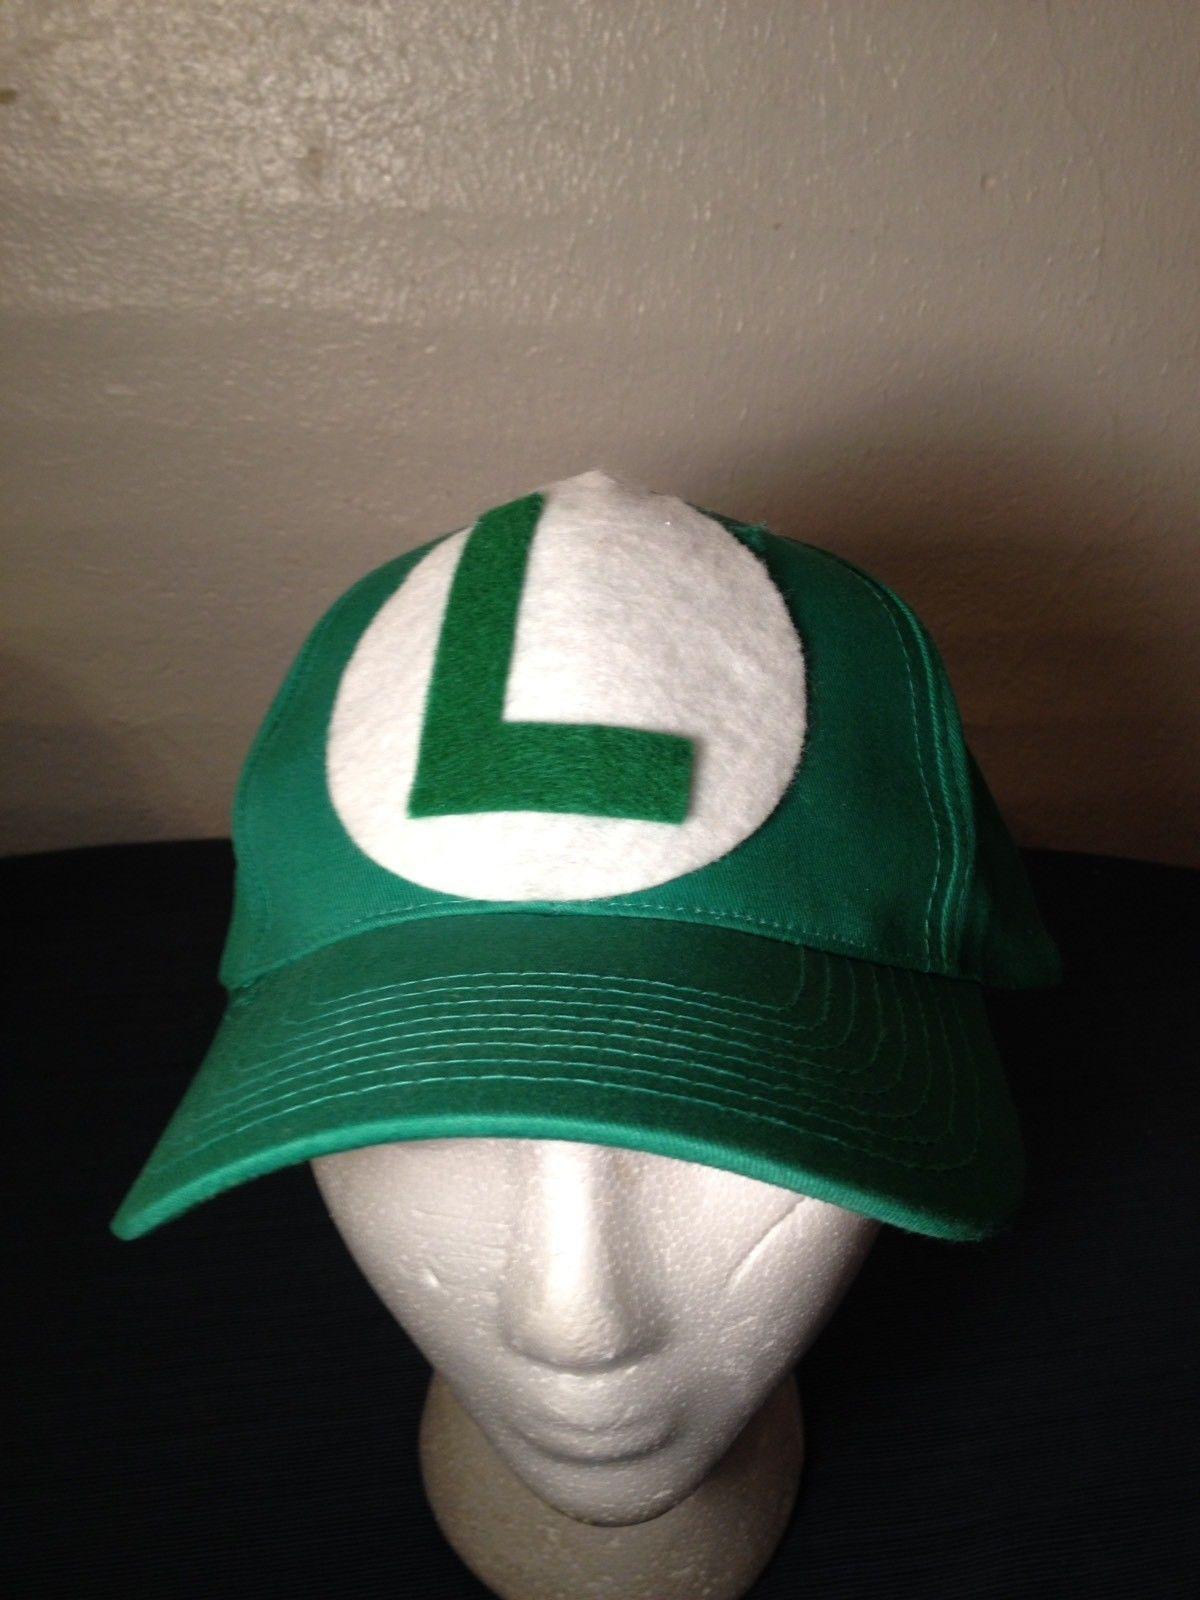 40d64f6ed Cobra Brand Hat Green L Luigi Super Mario and 18 similar items. S l1600